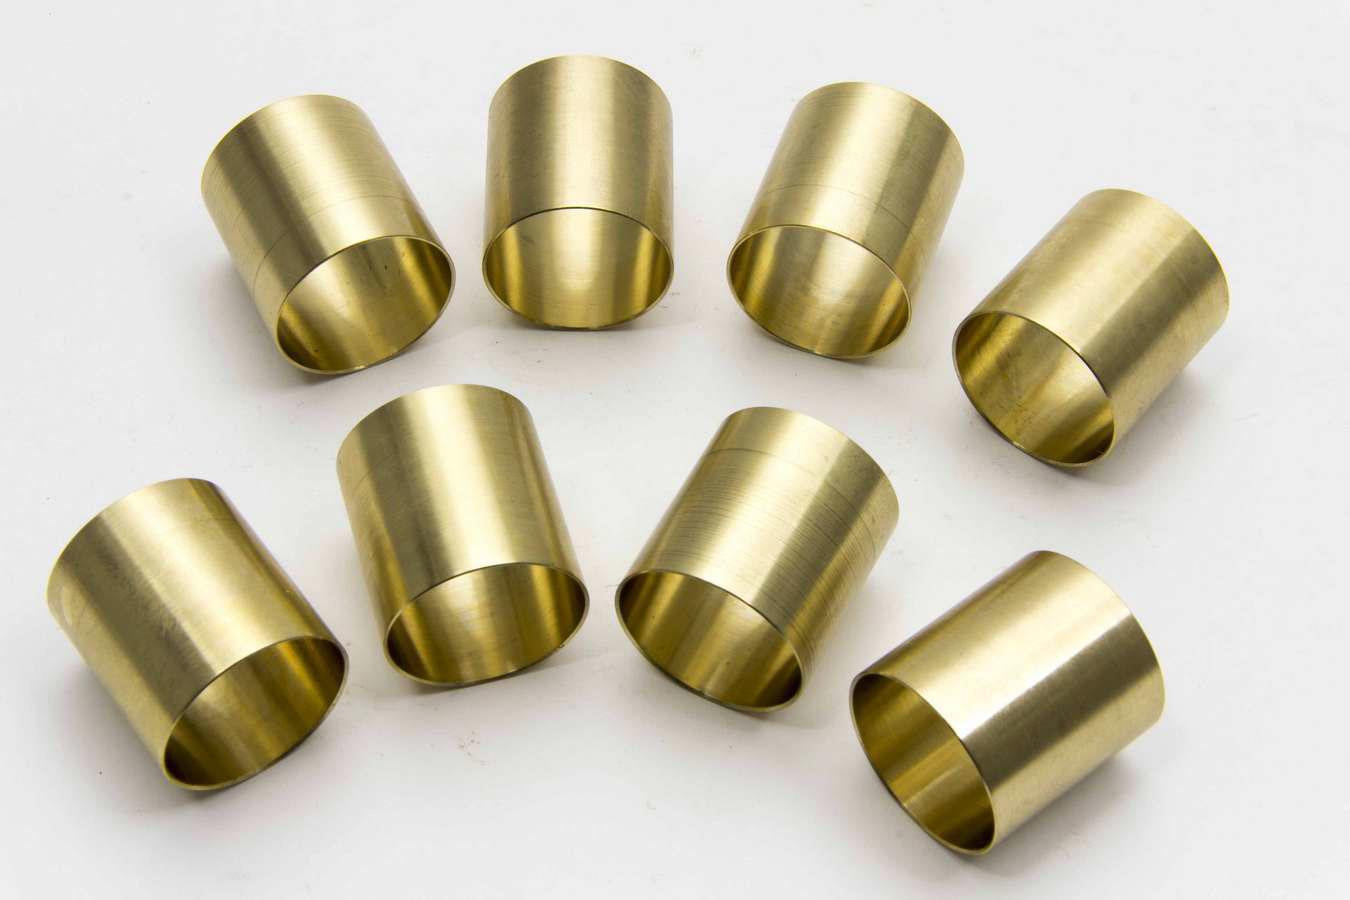 Manley .990 Pin Bushings